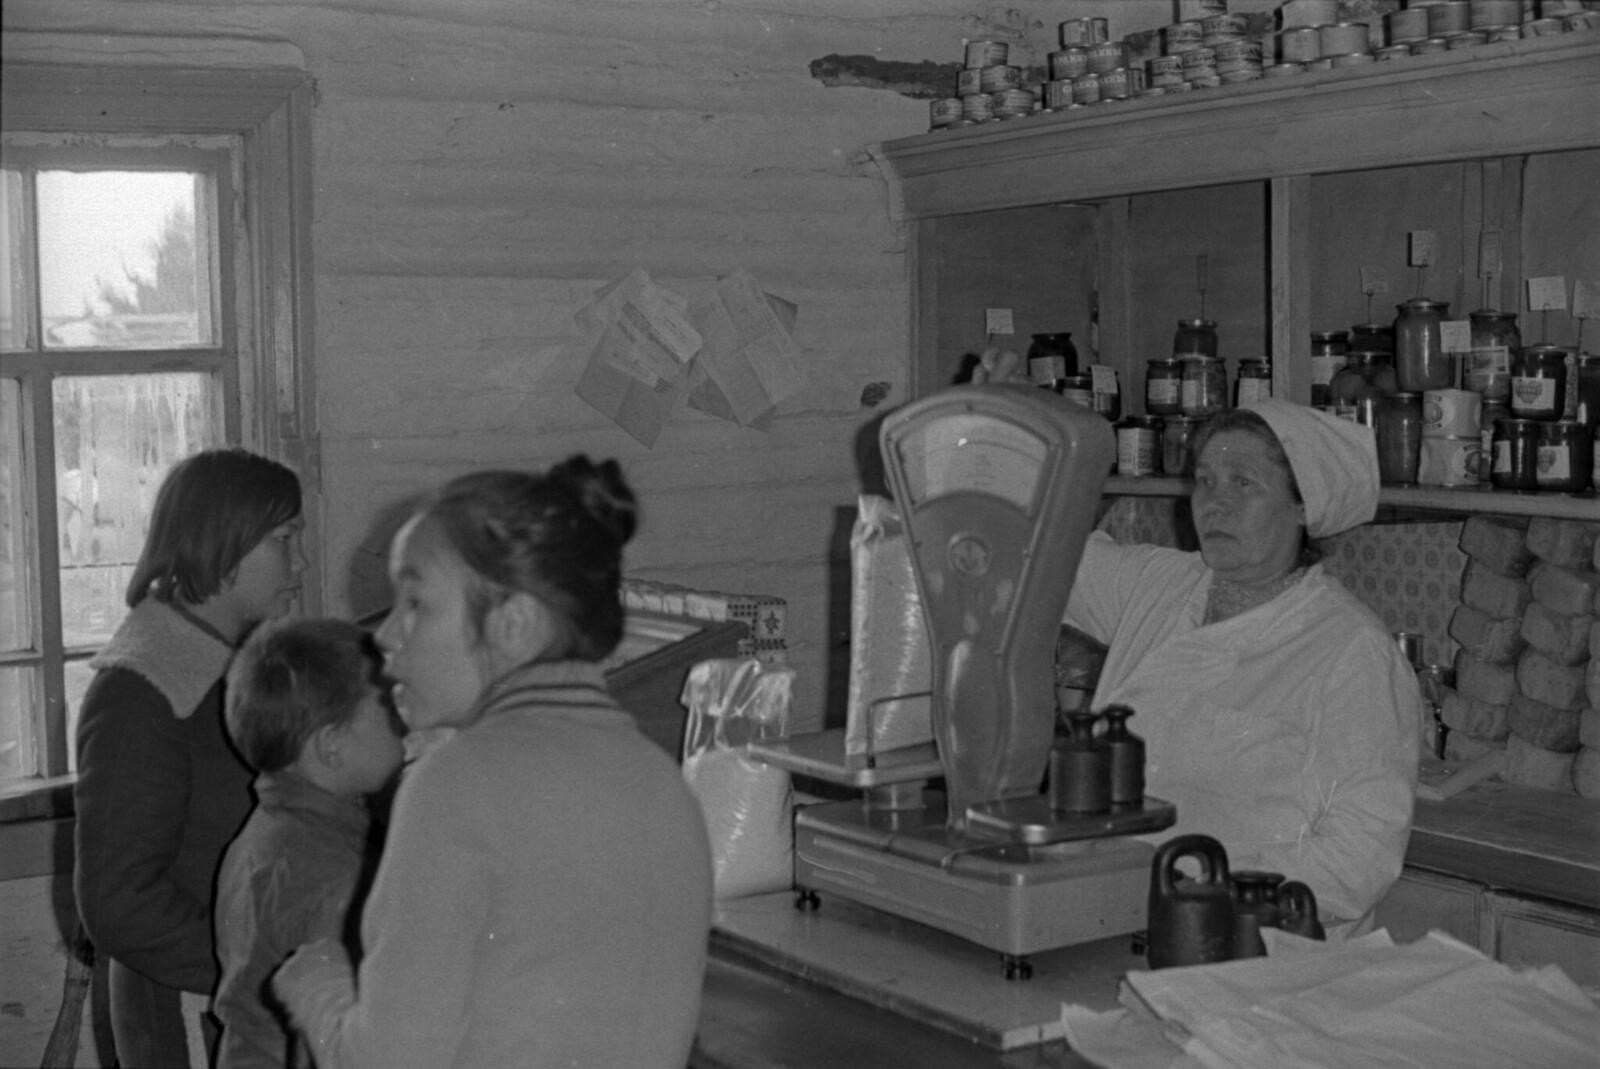 1965. Продавщица Зоя Коноплева. В магазине, поселок Ухта